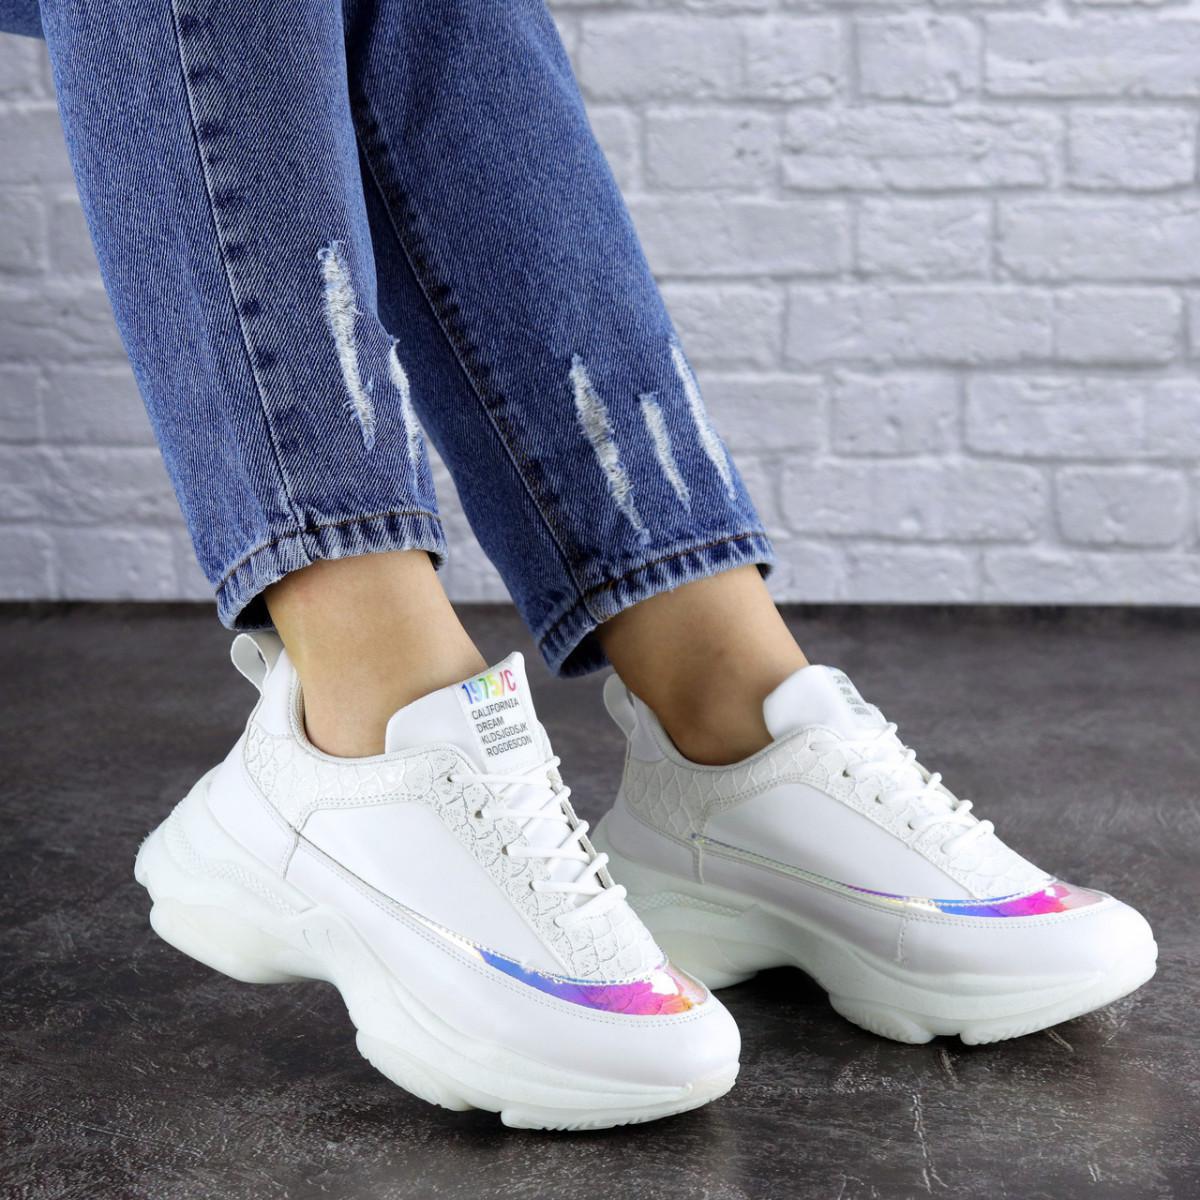 Жіночі кросівки Fashion Zeek 1780 38 розмір 24 см Білий